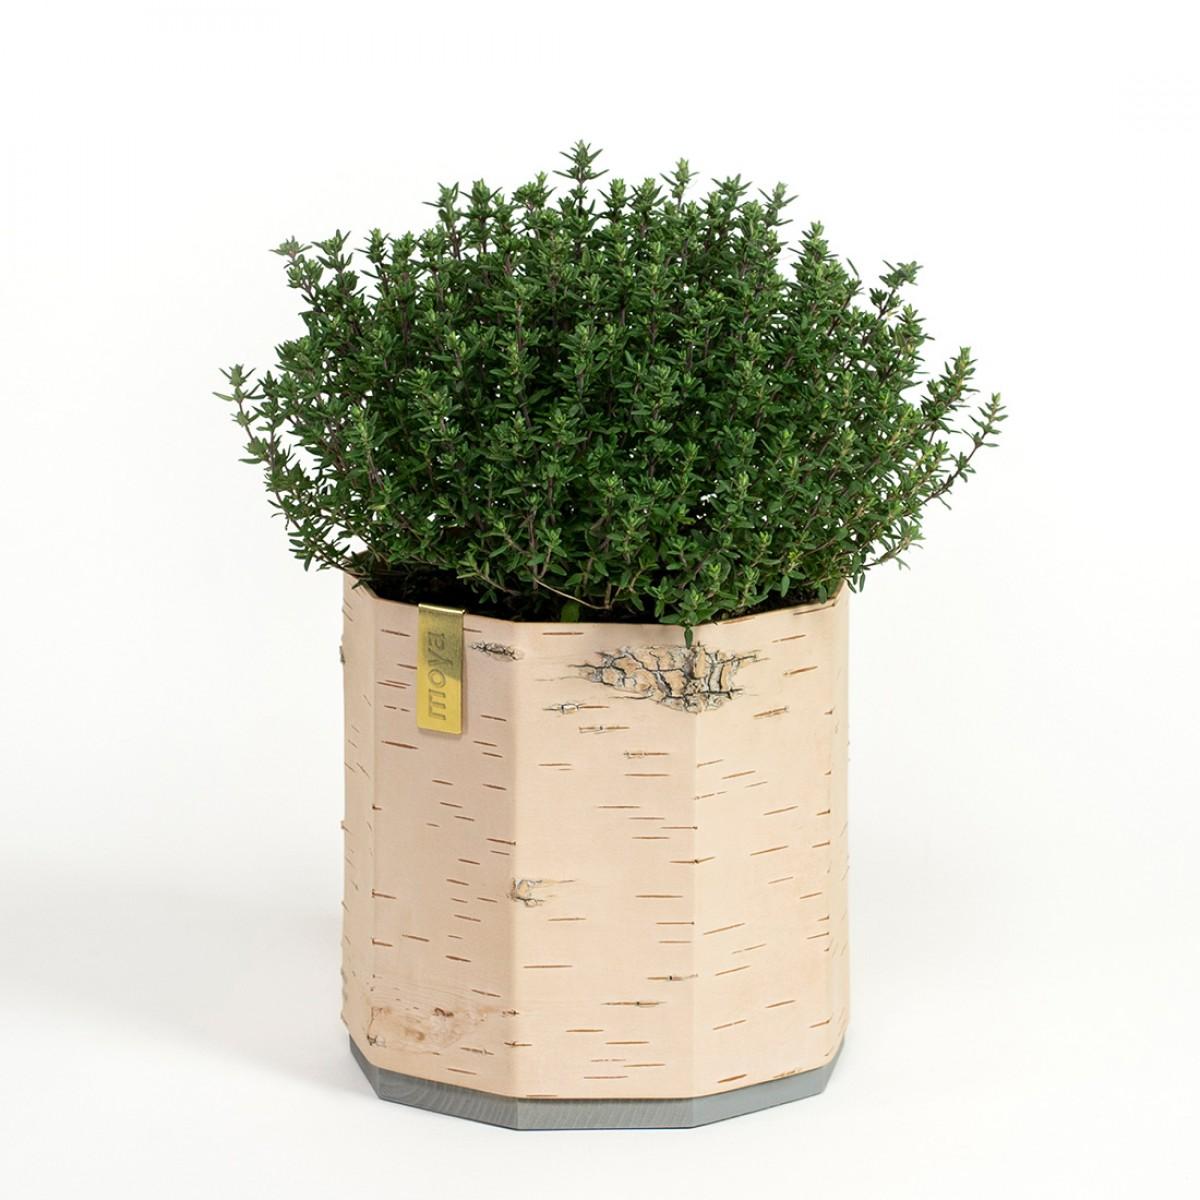 MOYA Blumentopf  / Übertopf aus Birkenrinde für Kräuter und Pflanzen - TARA Klein